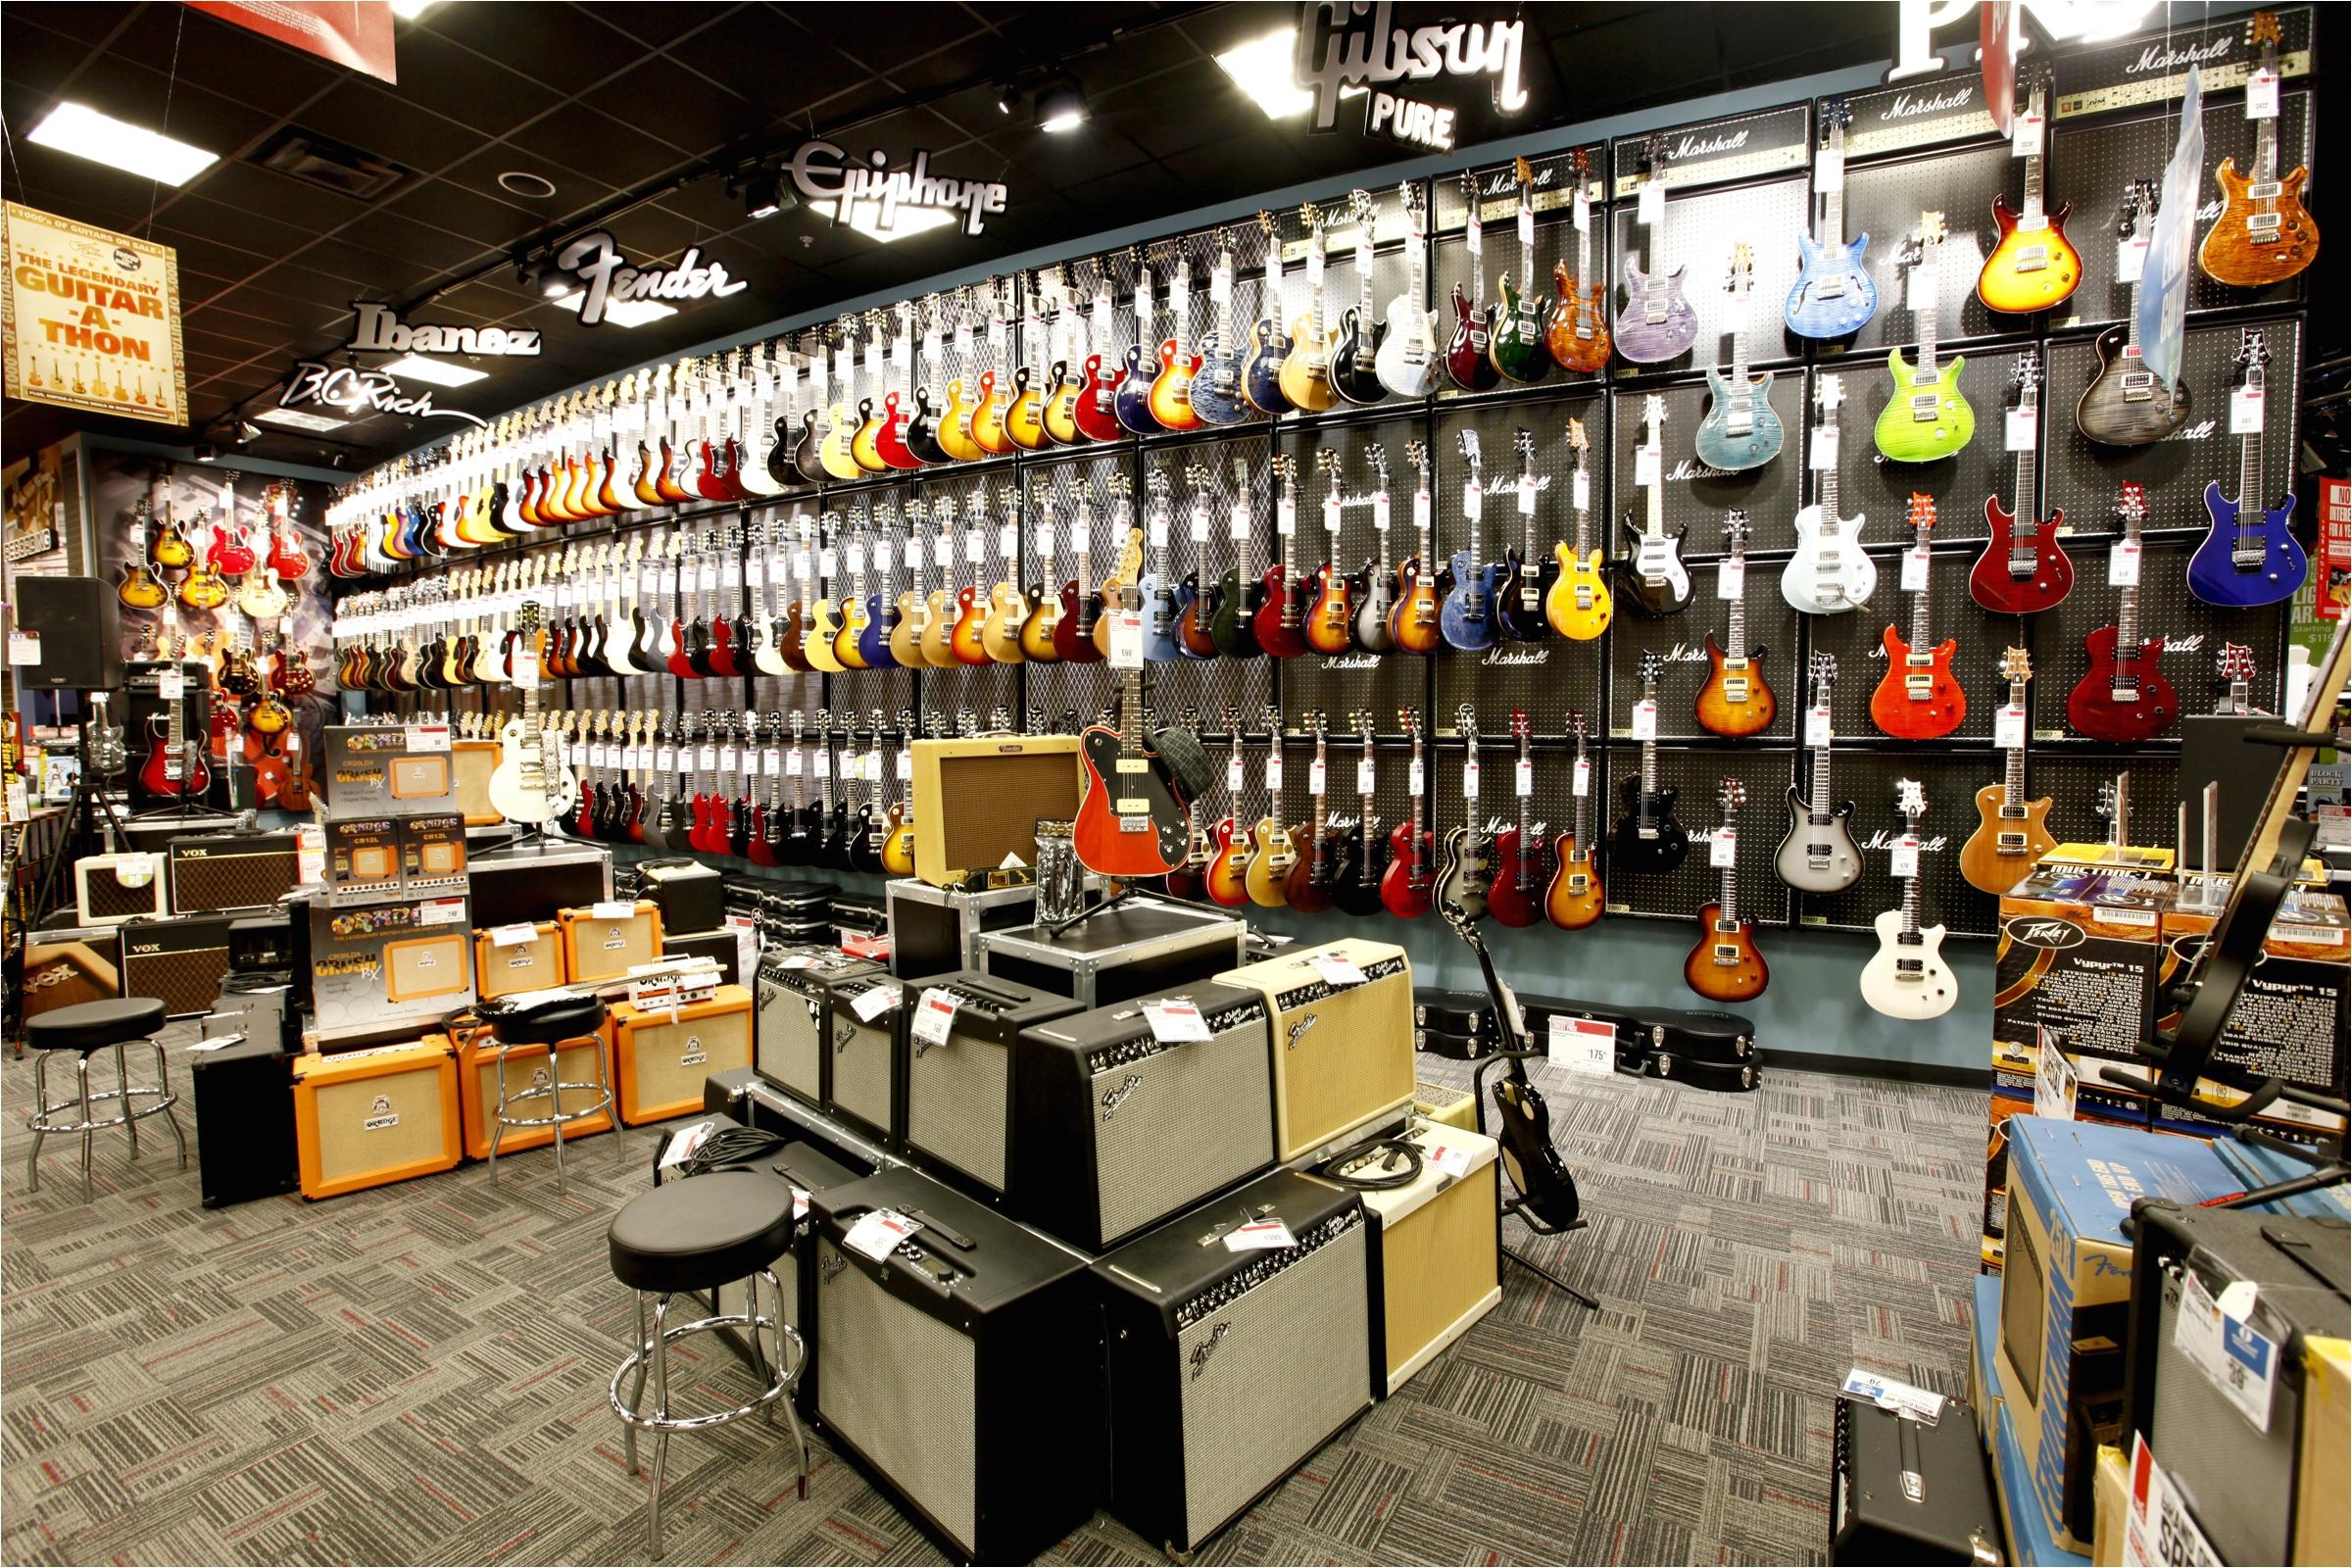 gc orange photo2 guitardept